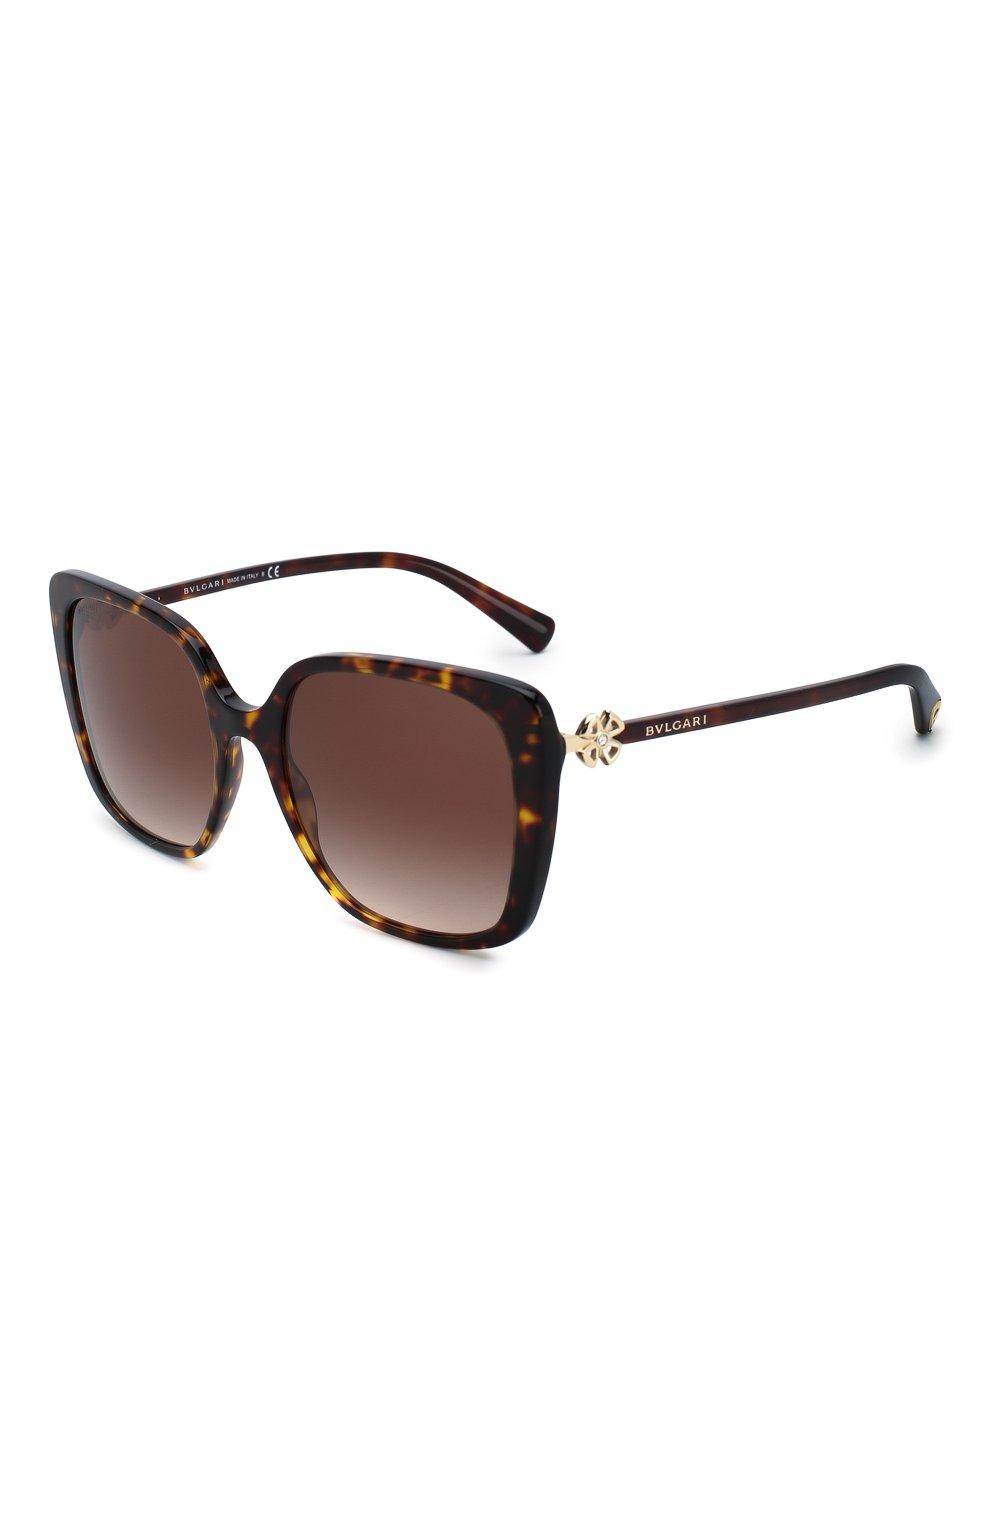 Женские солнцезащитные очки BVLGARI коричневого цвета, арт. 8225B-504/13 | Фото 1